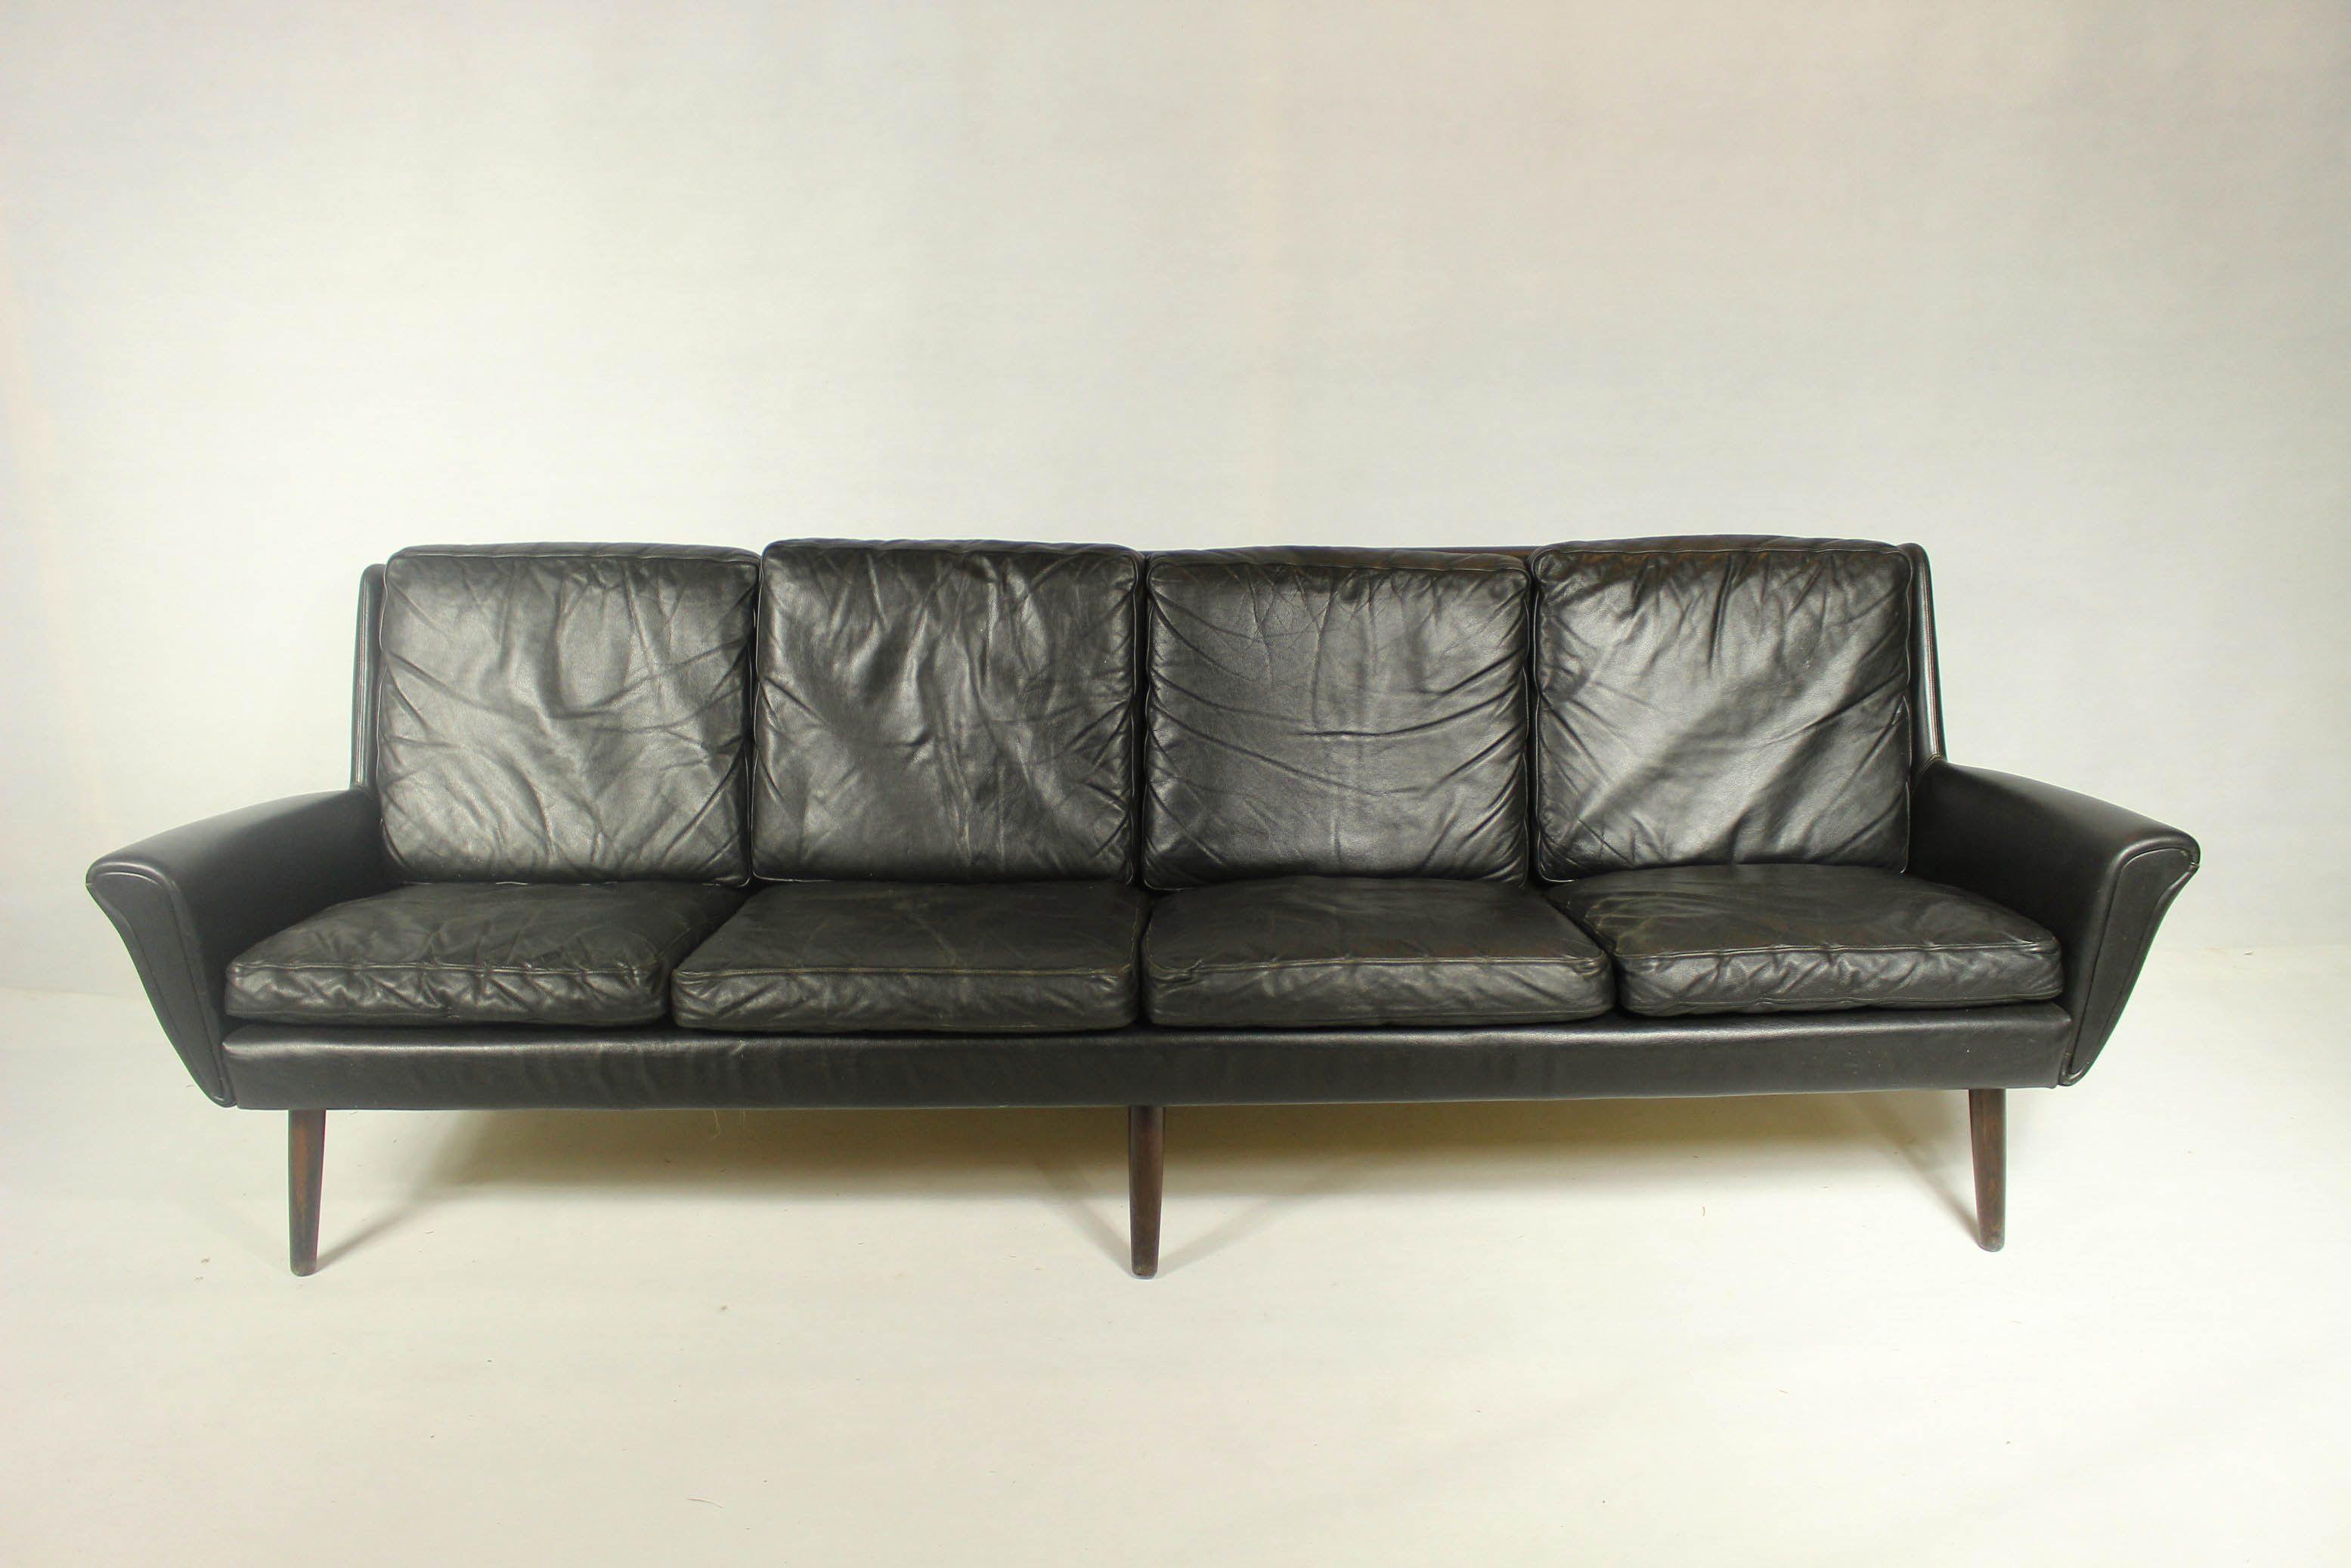 Vintage 4-seater sofa in black leather - Design Market